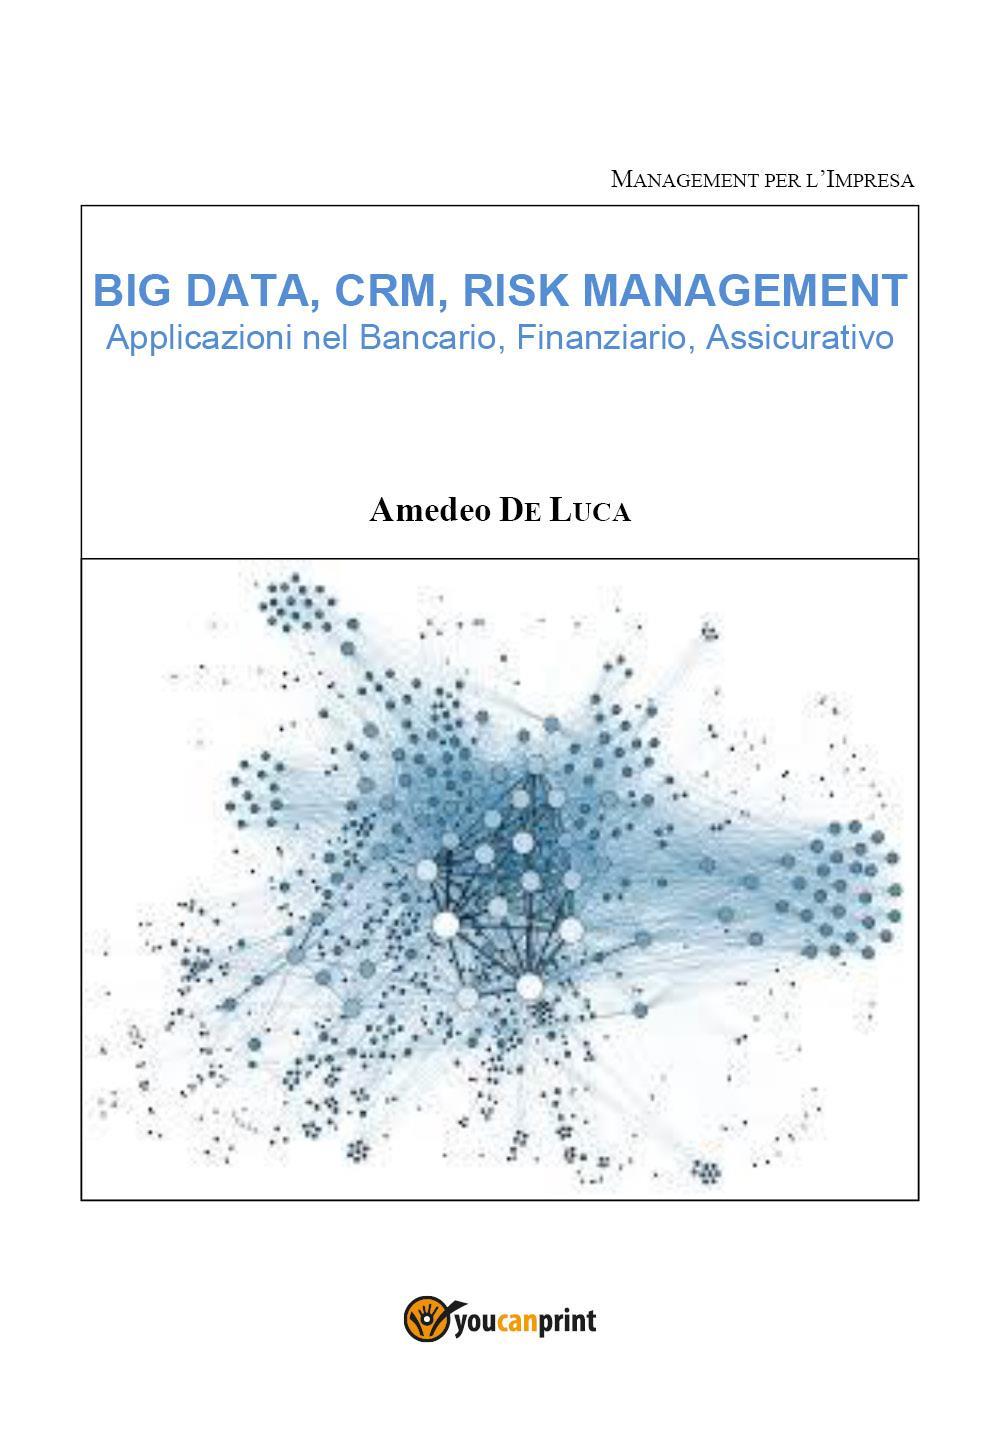 BIG DATA, CRM, RISK MANAGEMENT – Applicazioni nel Bancario, Finanziario, Assicurativo